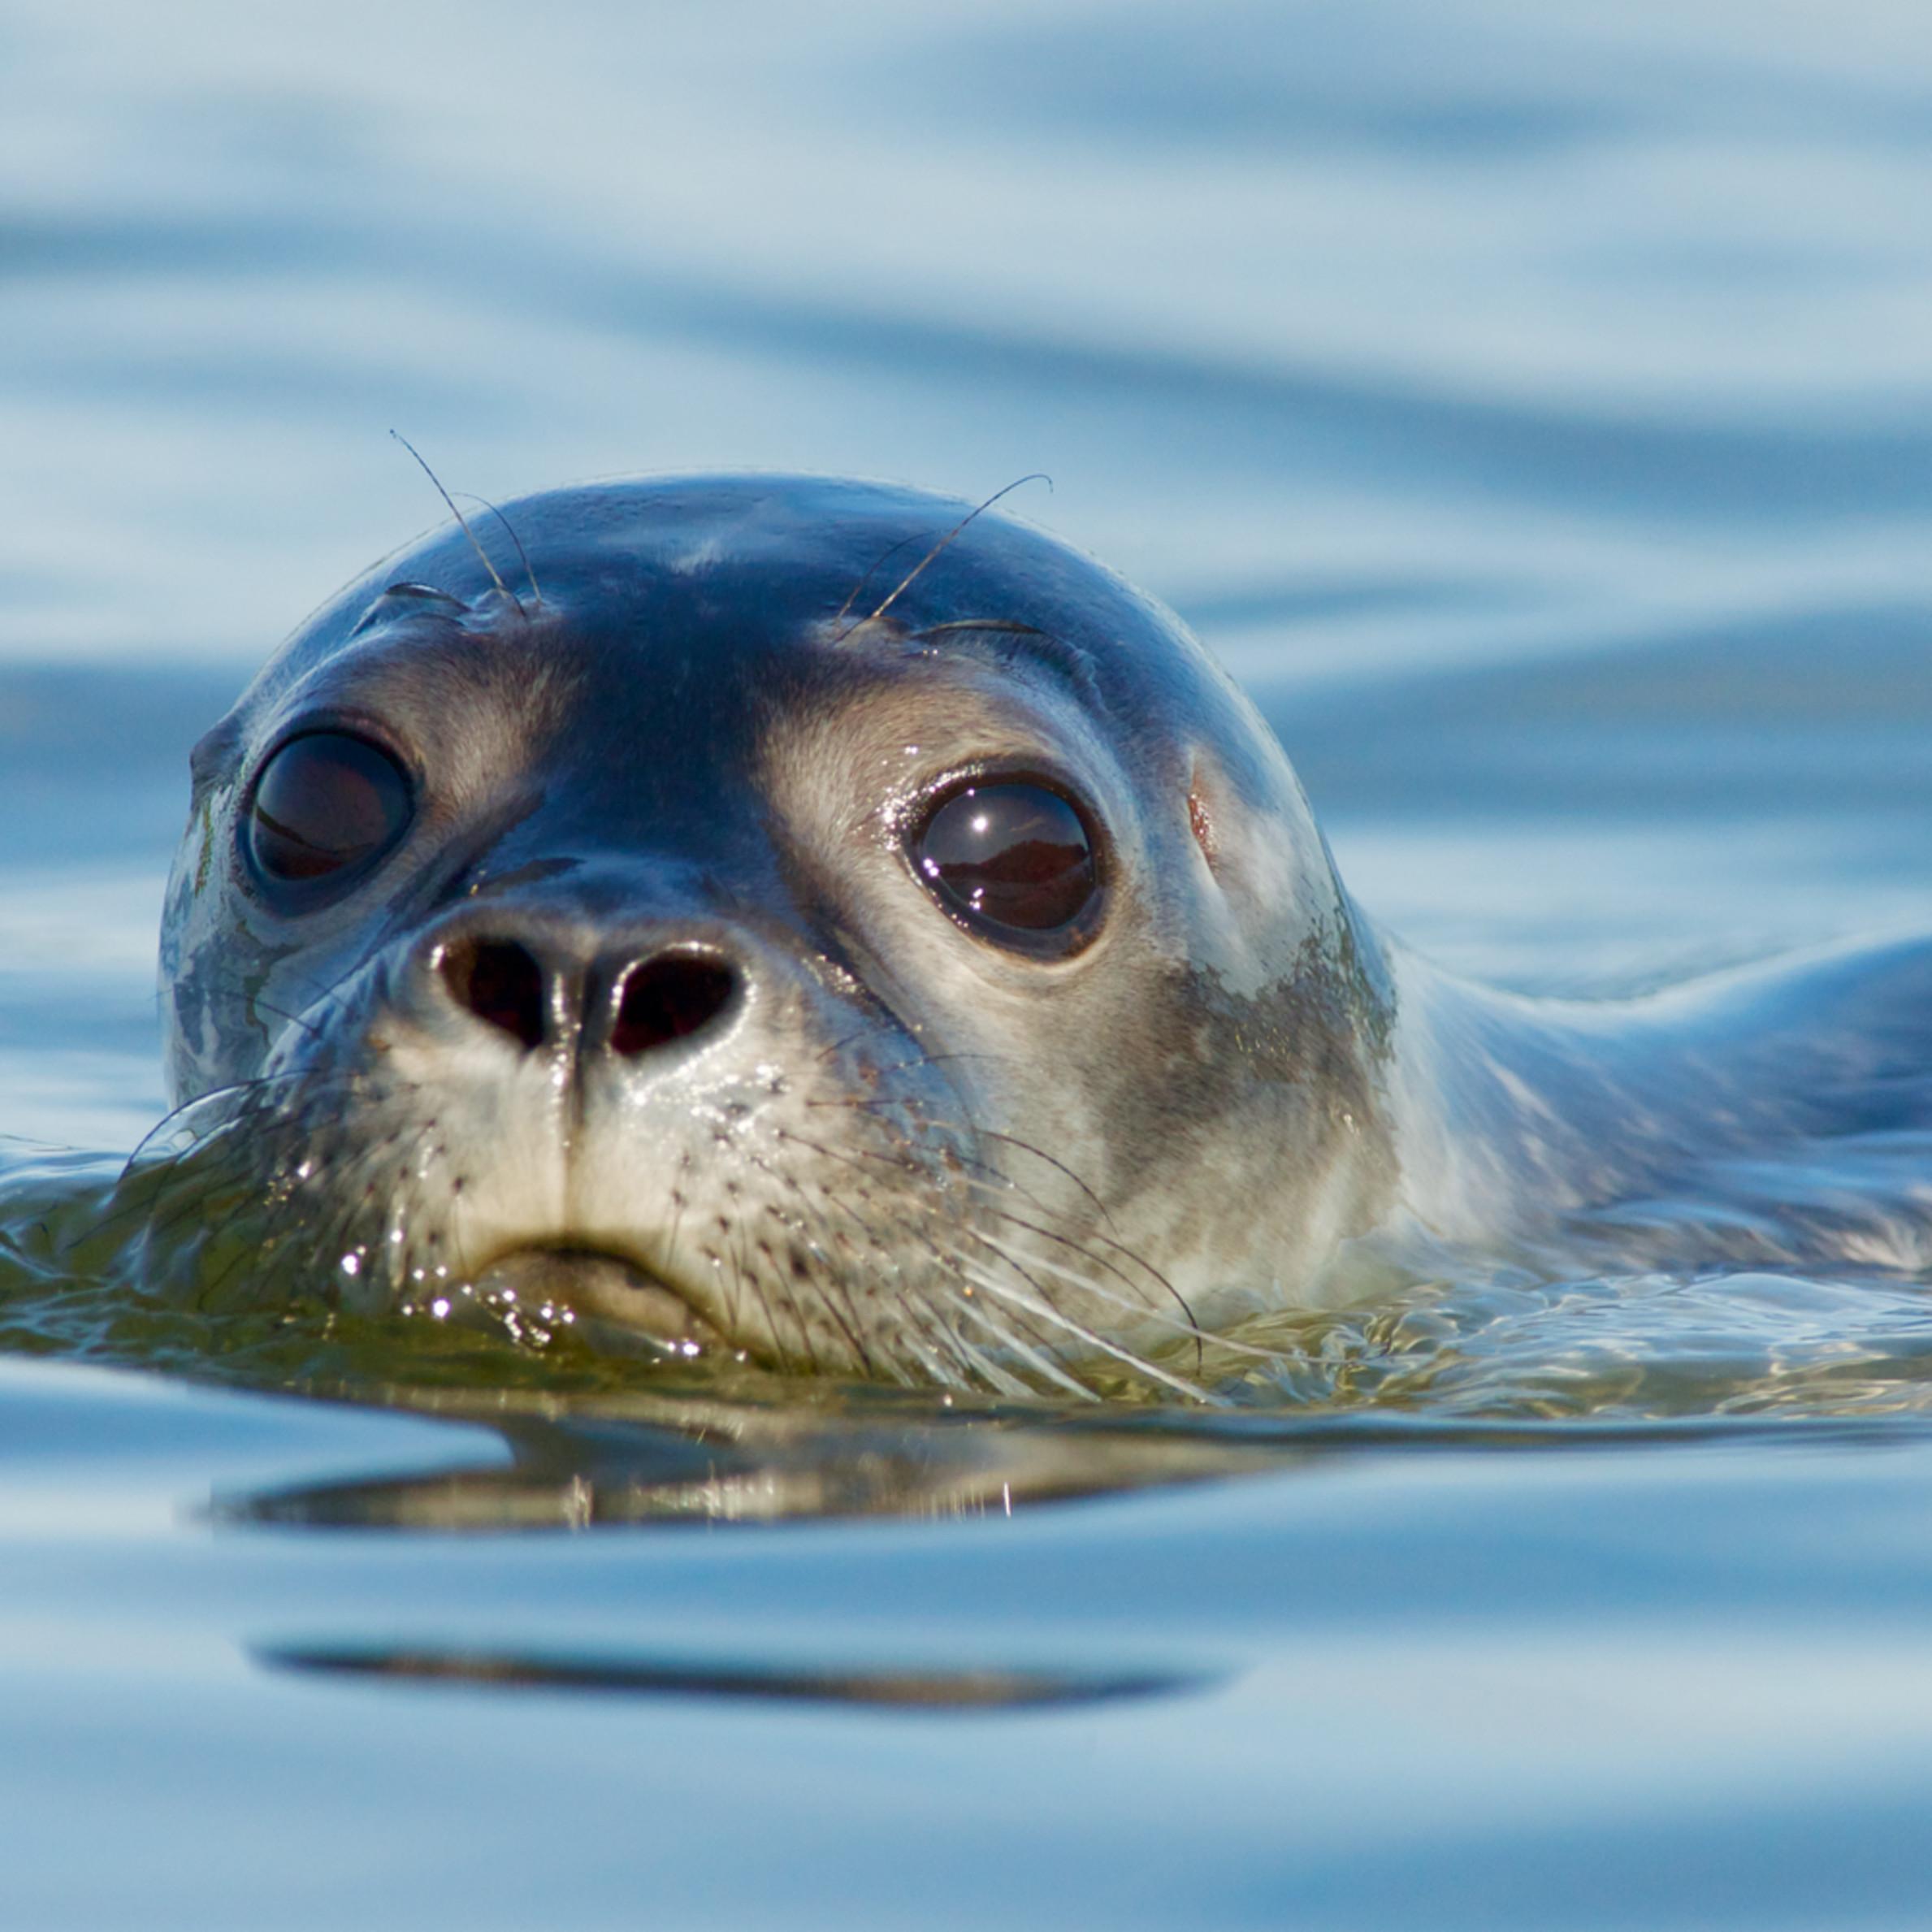 Maine harbor seal copy fjf7no